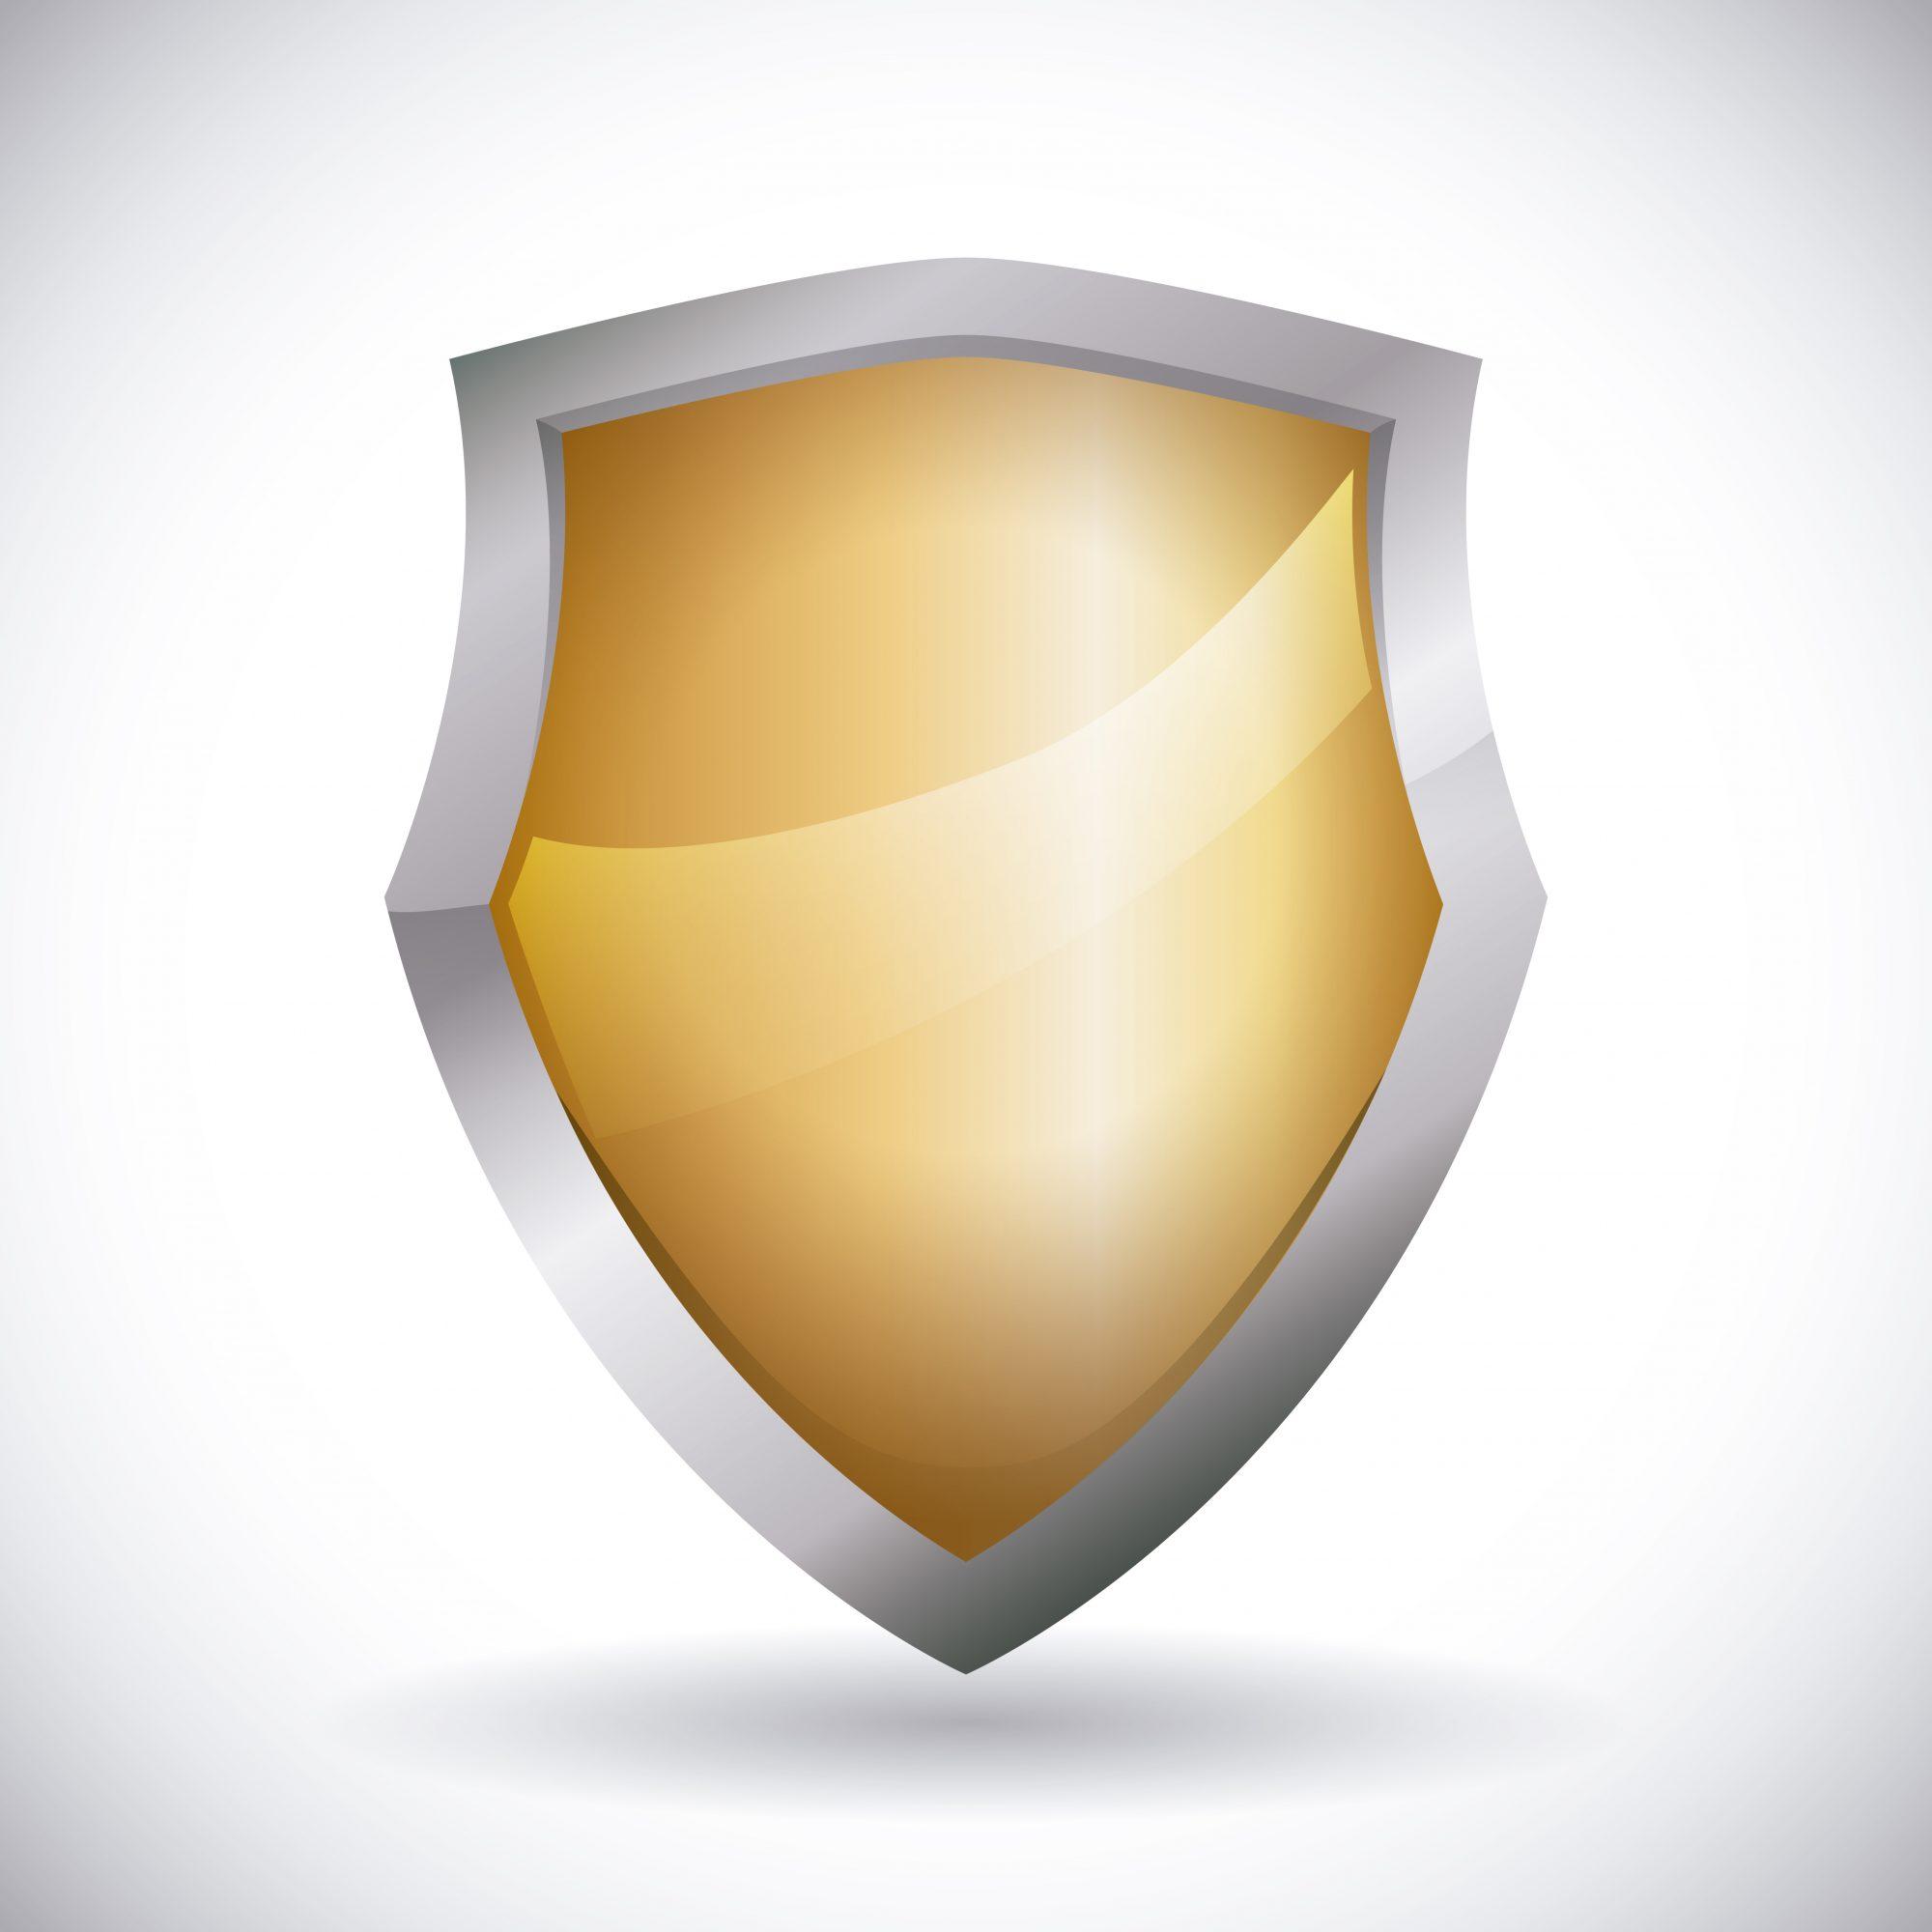 Datenschutzpaket